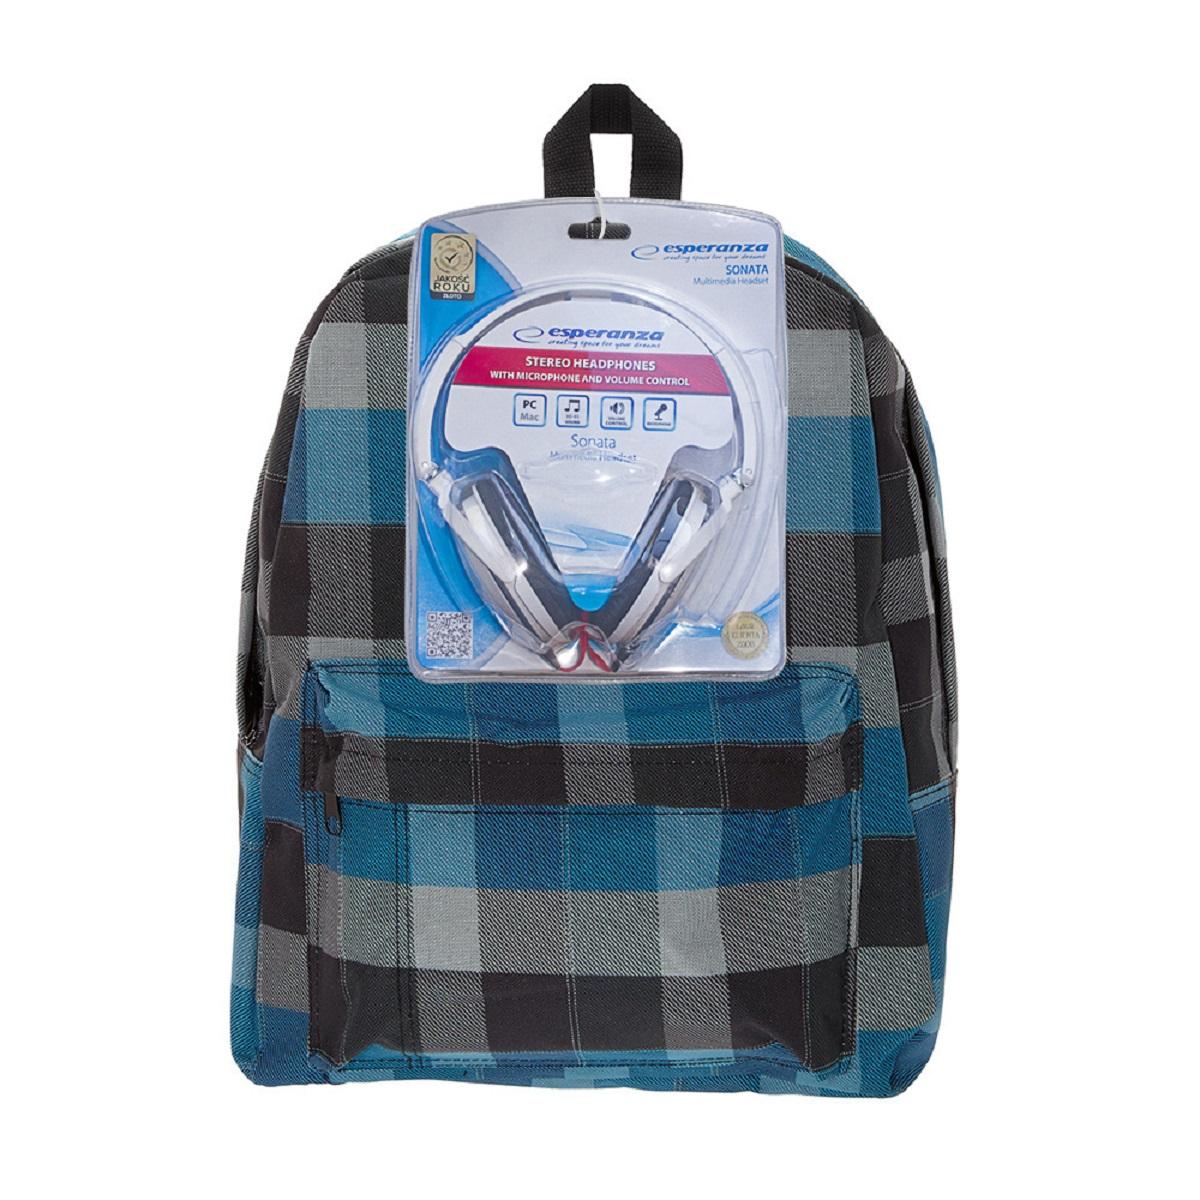 Рюкзак городской 3D Bags Клетка, 16 л + ПОДАРОК: НаушникиRU-601-2/10Стильный, вместительный и практичный, рюкзак понравится и школьникам, и студентам. Просторный внутренний отсек, наружний карман на молнии будут очень удобны в использовании. Клетка еще никогда не была такой крутой! В комплект входят белые стереонаушники с мягкими ушными подушками. Длина кабеля 2м, разъем 3,5мм, сопротивление 32 Ом, диапазон часто - 20 Гц-20000 Гц, выходная мощность - 100 мВт.Наушники поставляются в цветовом ассортименте. Поставка осуществляется в зависимости от наличия на складе.